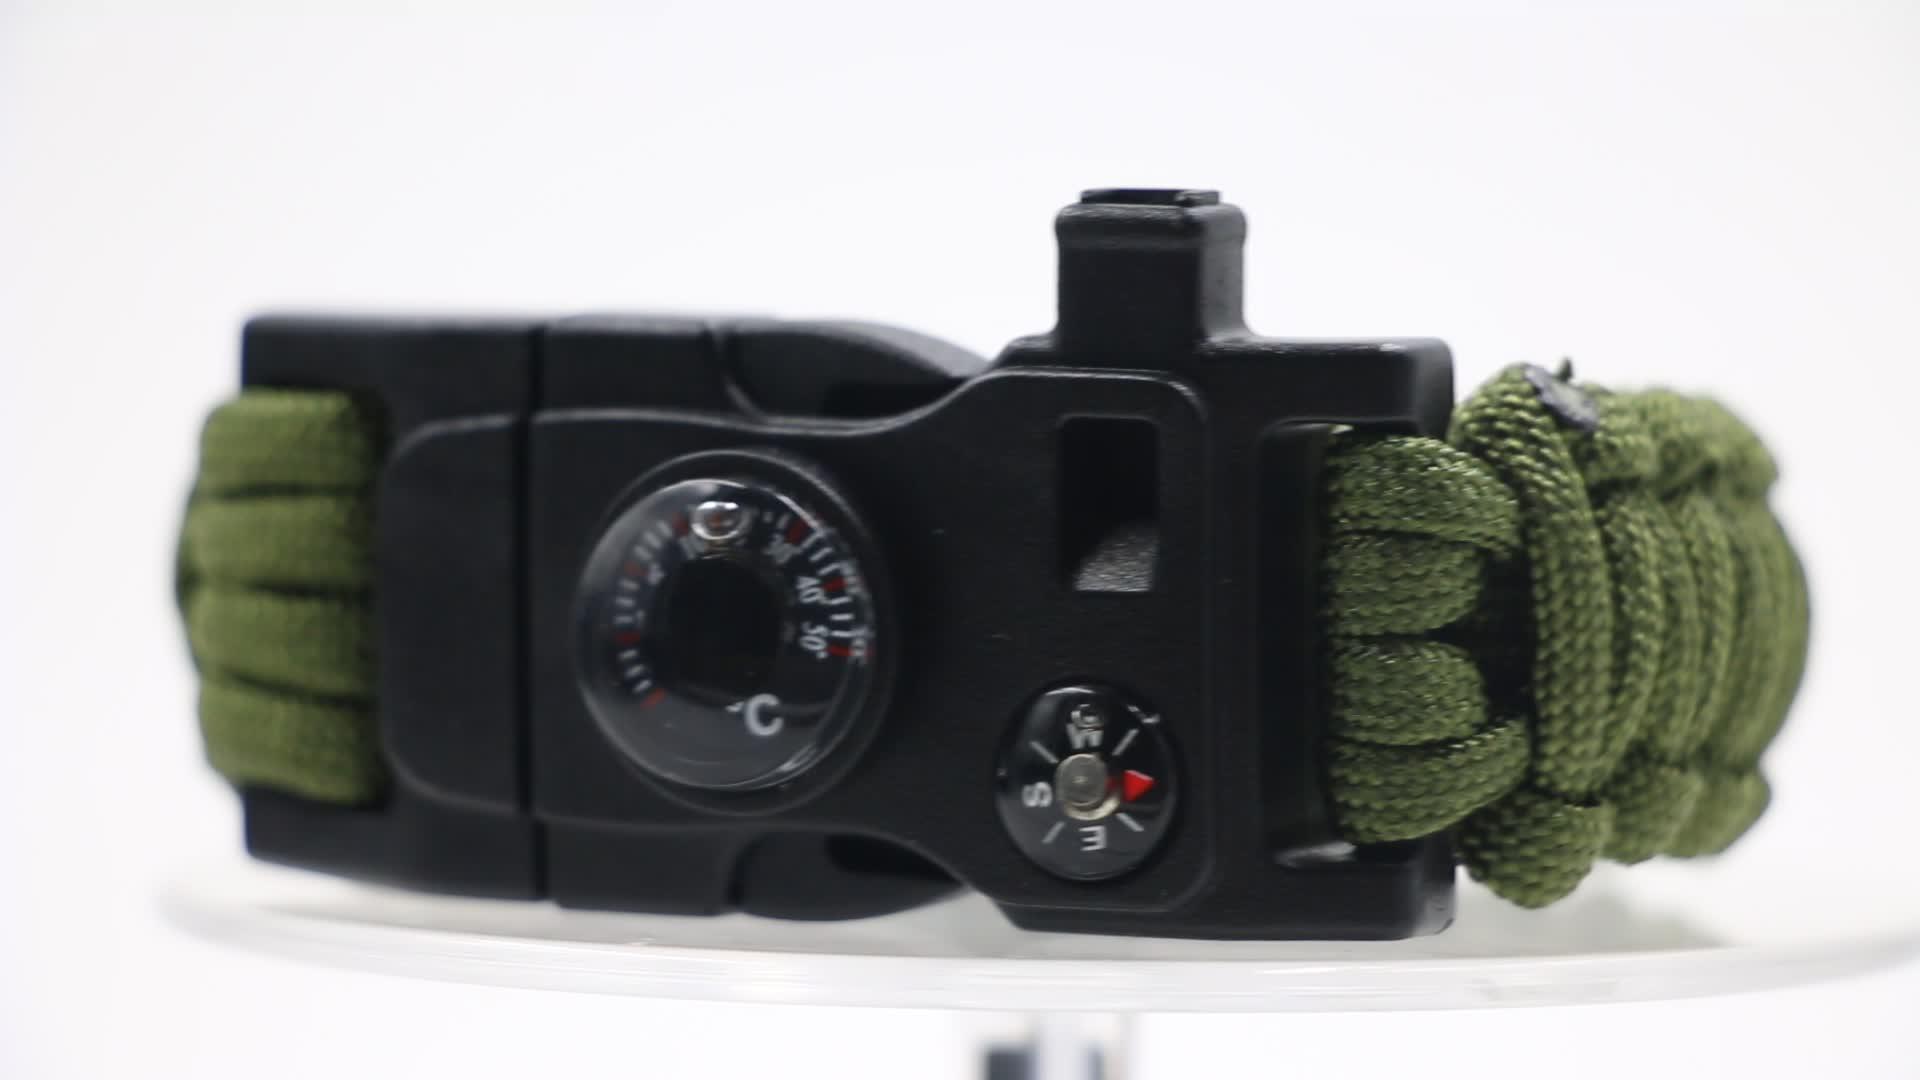 Cmart Khẩn Cấp Bán Buôn Đi Bộ Đường Dài Cắm Trại Ngoài Trời Paracord Survival Bracelet với Đa Tool